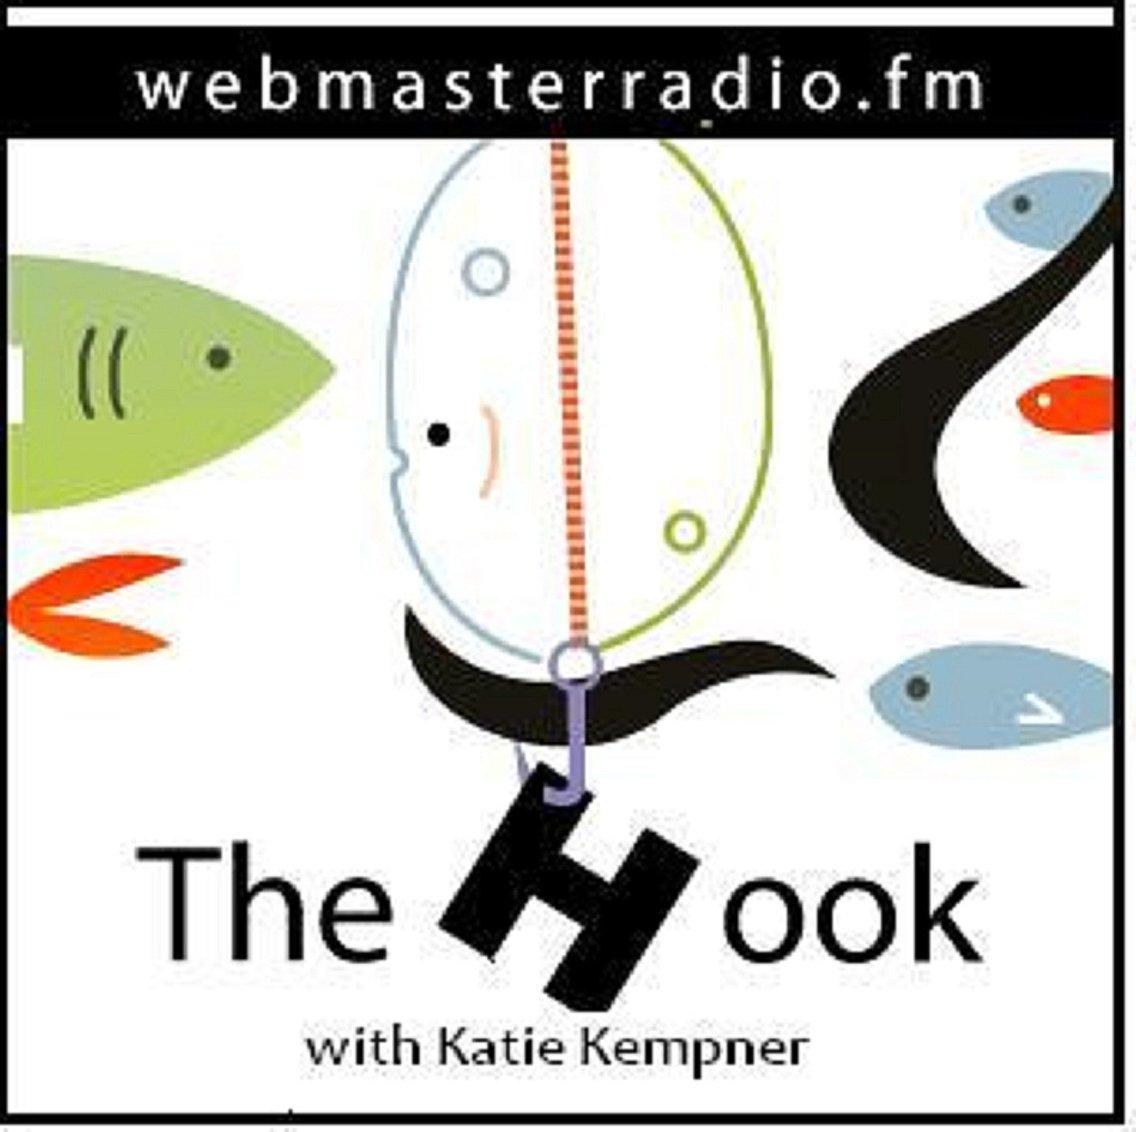 The Hook with Katie Kempner - imagen de portada